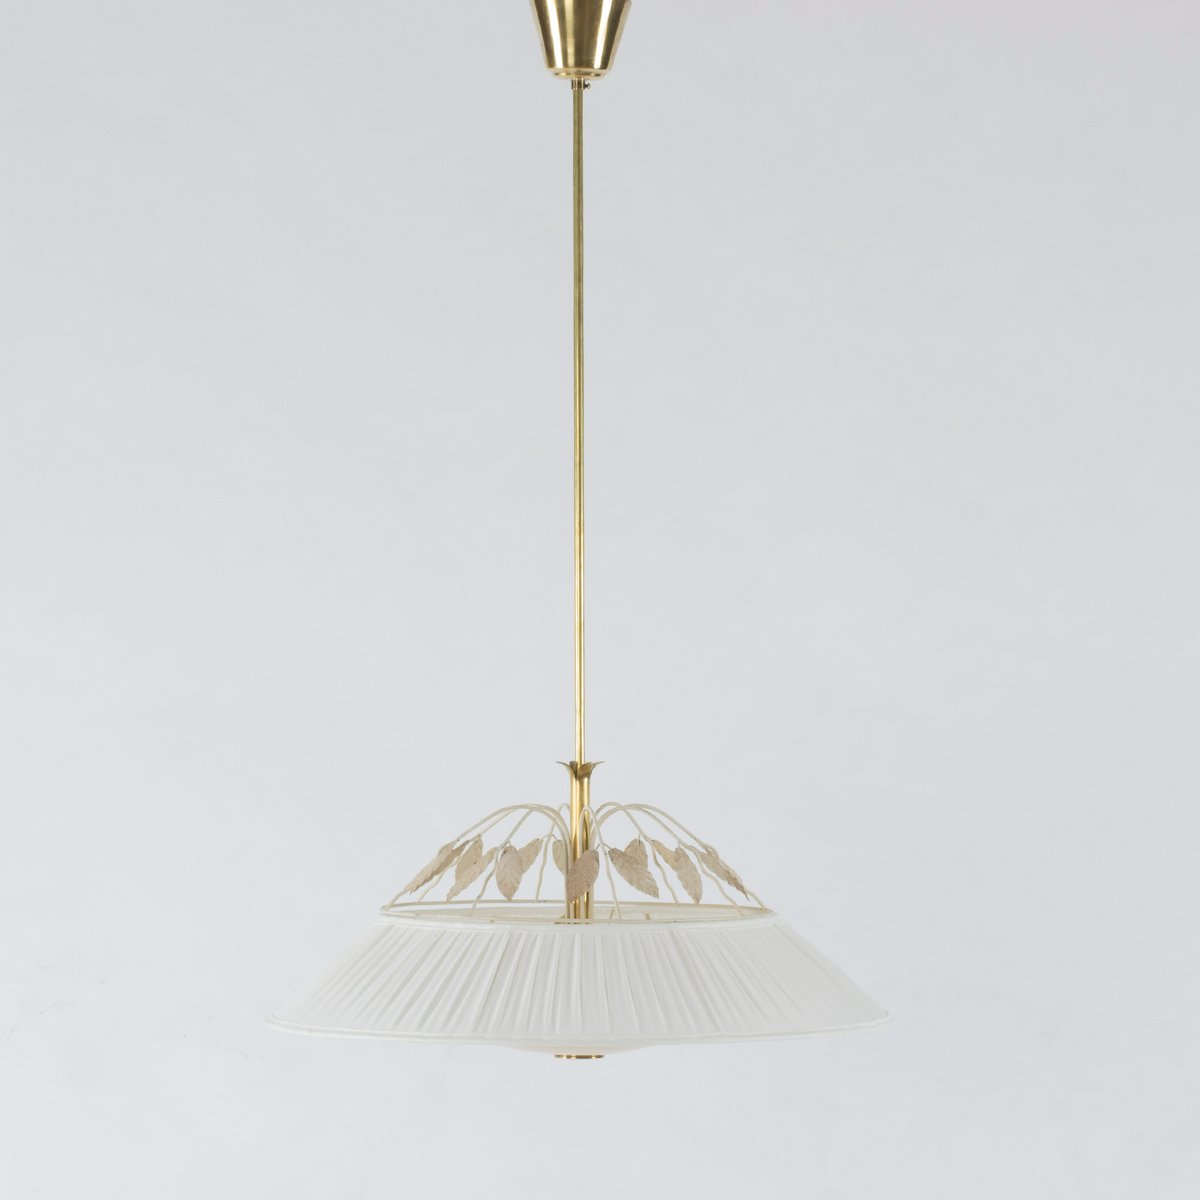 Lackierte Metall Deckenlampe von Hans Bergström, 1950er